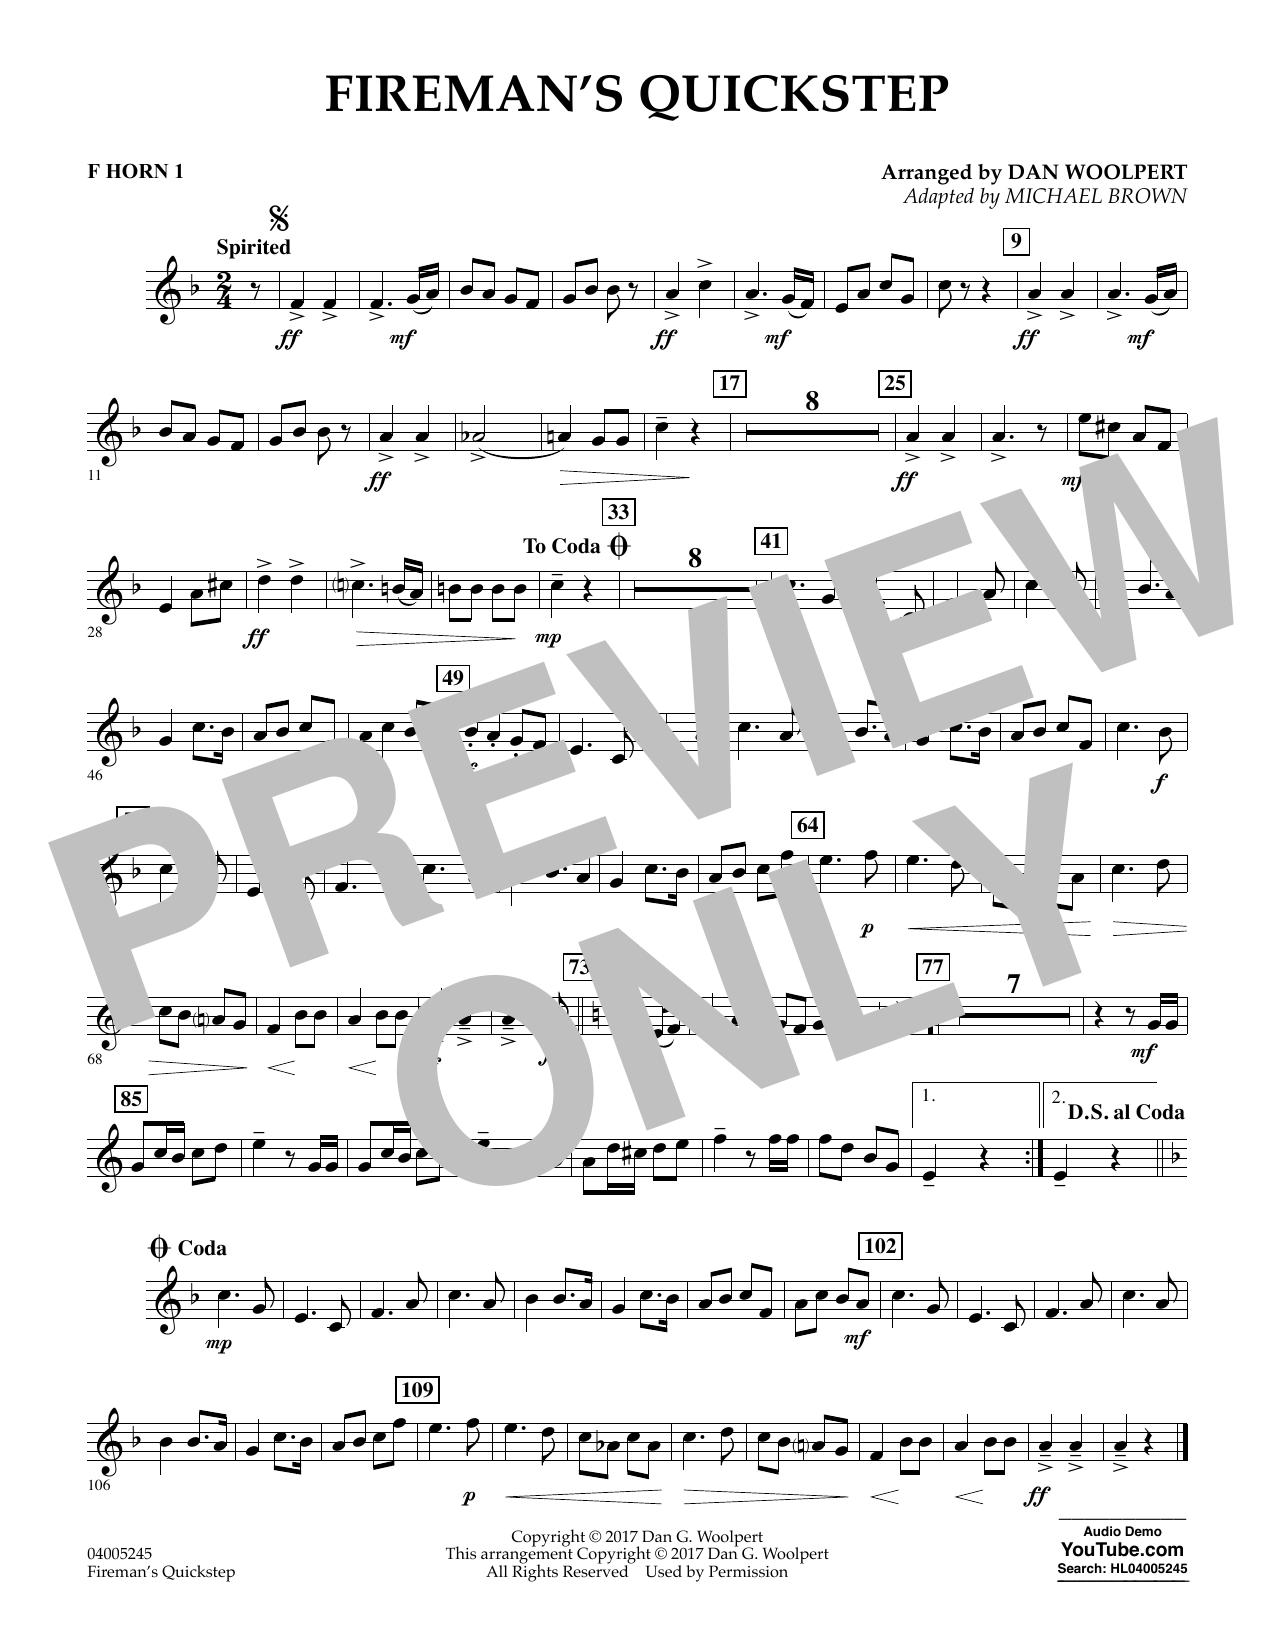 Fireman's Quickstep - F Horn 1 (Concert Band)